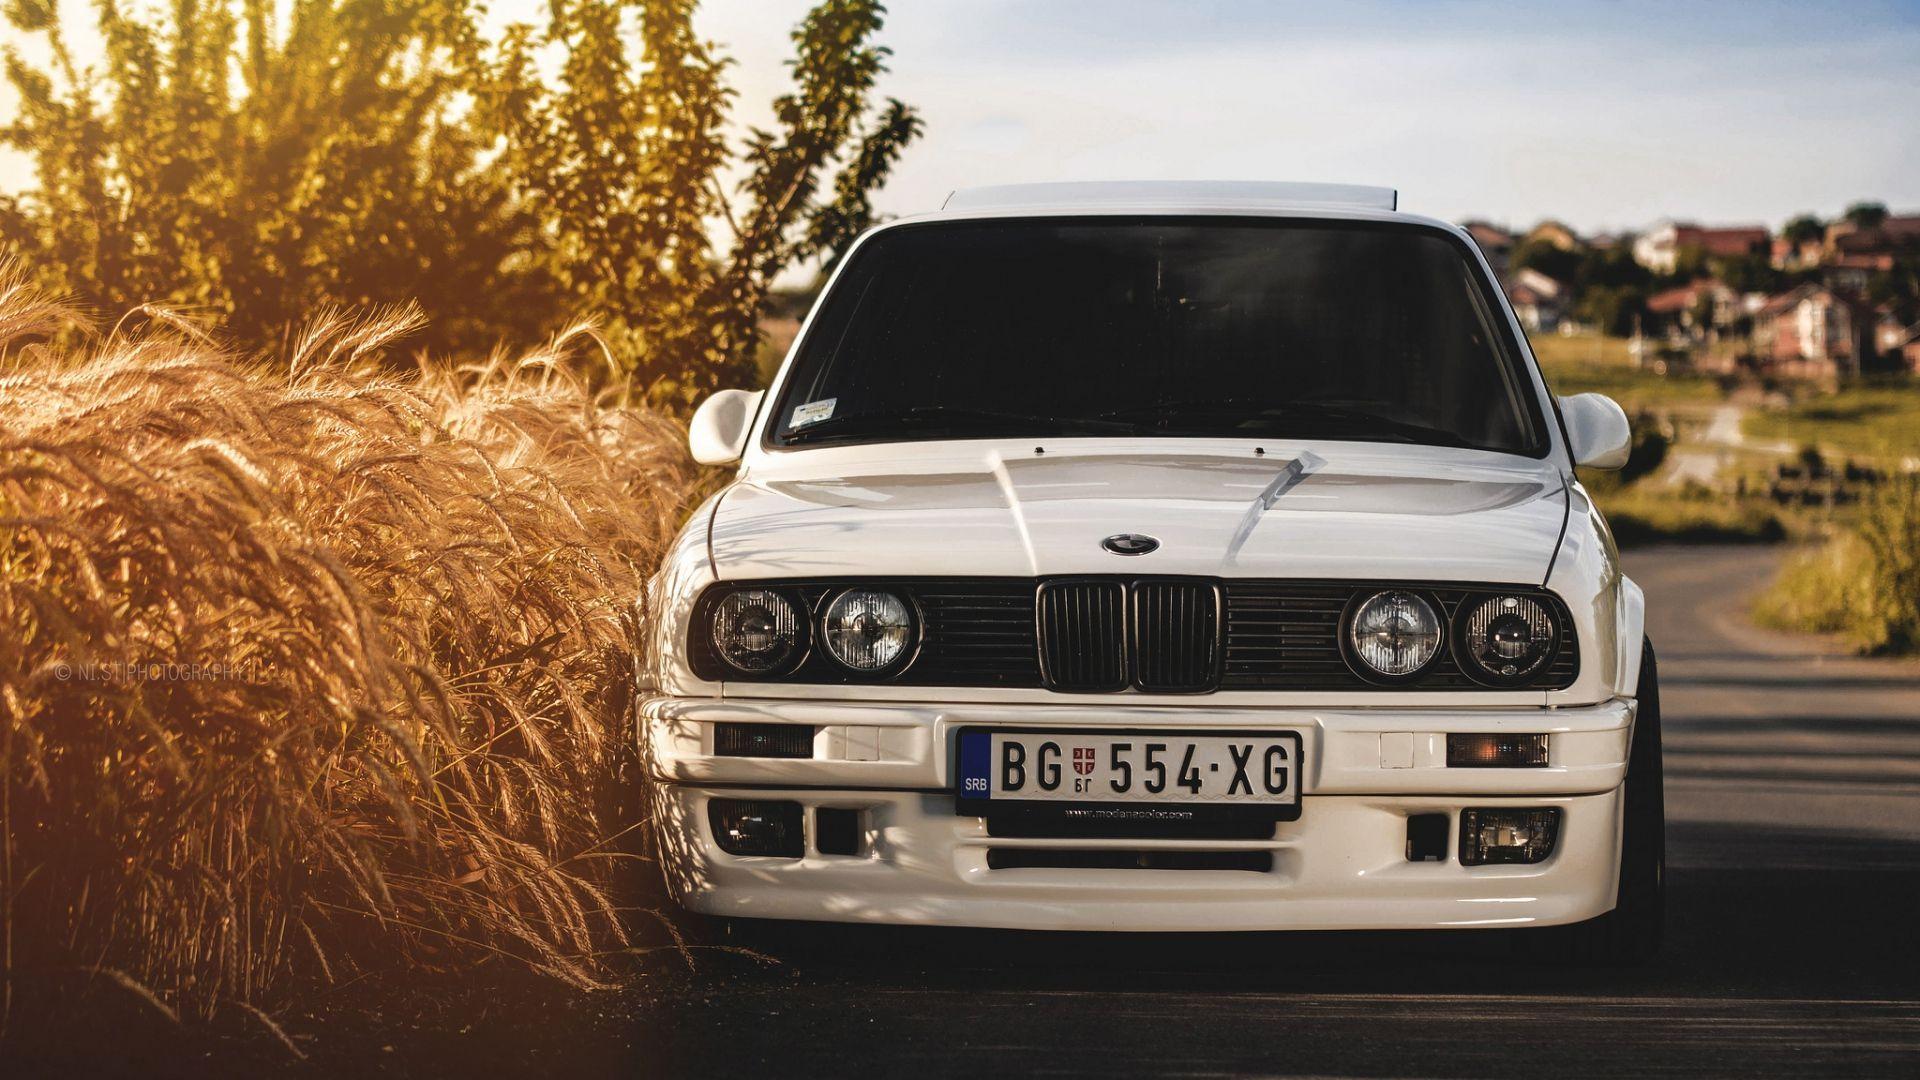 BMW E30 Wallpaper 02 - [1920x1080]